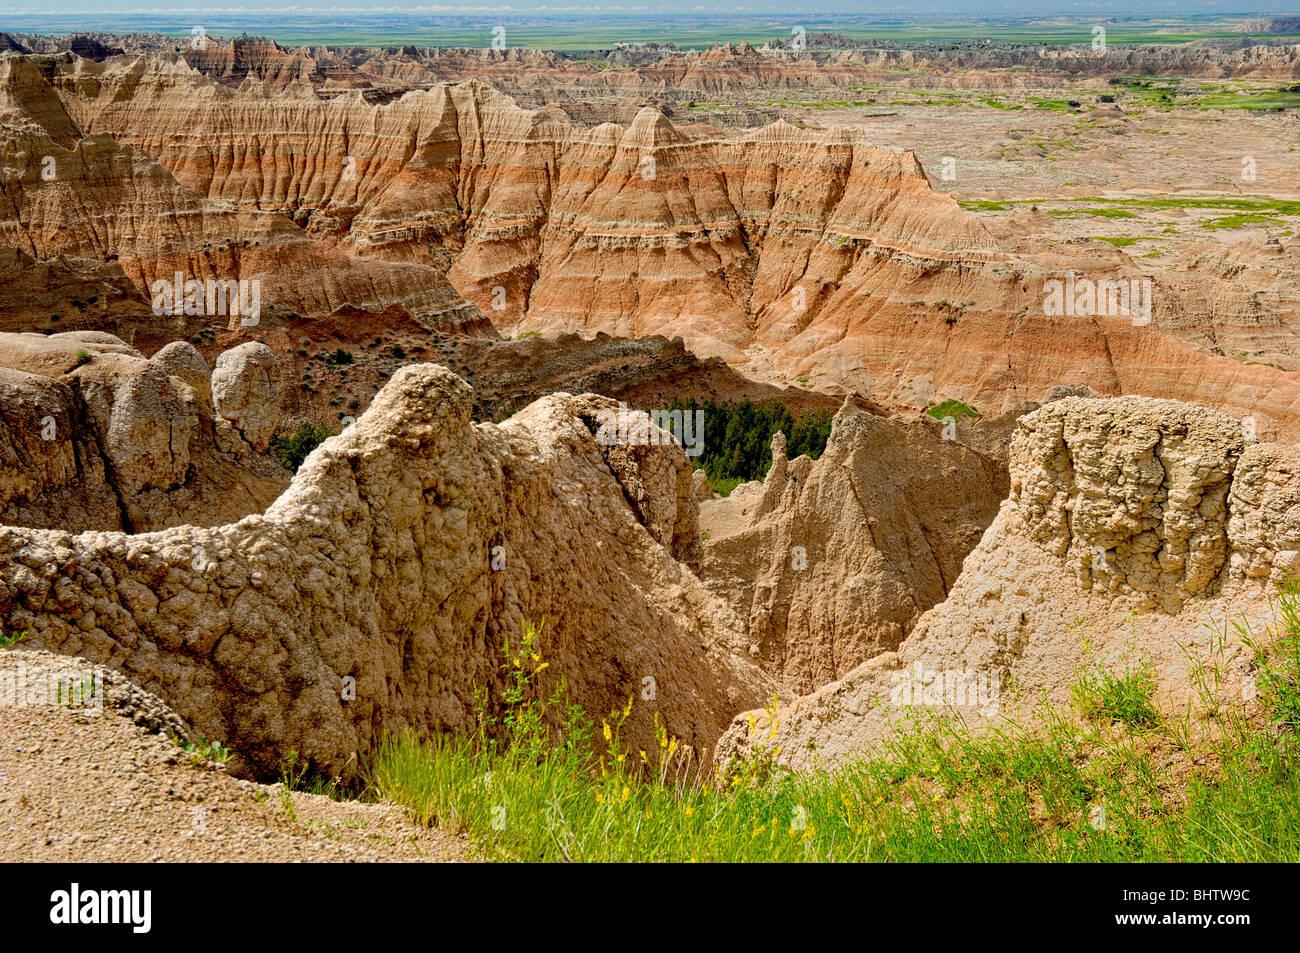 Paysages typiques des Badlands à Badlands National Park, près de mur, dans le Dakota du Sud, USA Photo Stock